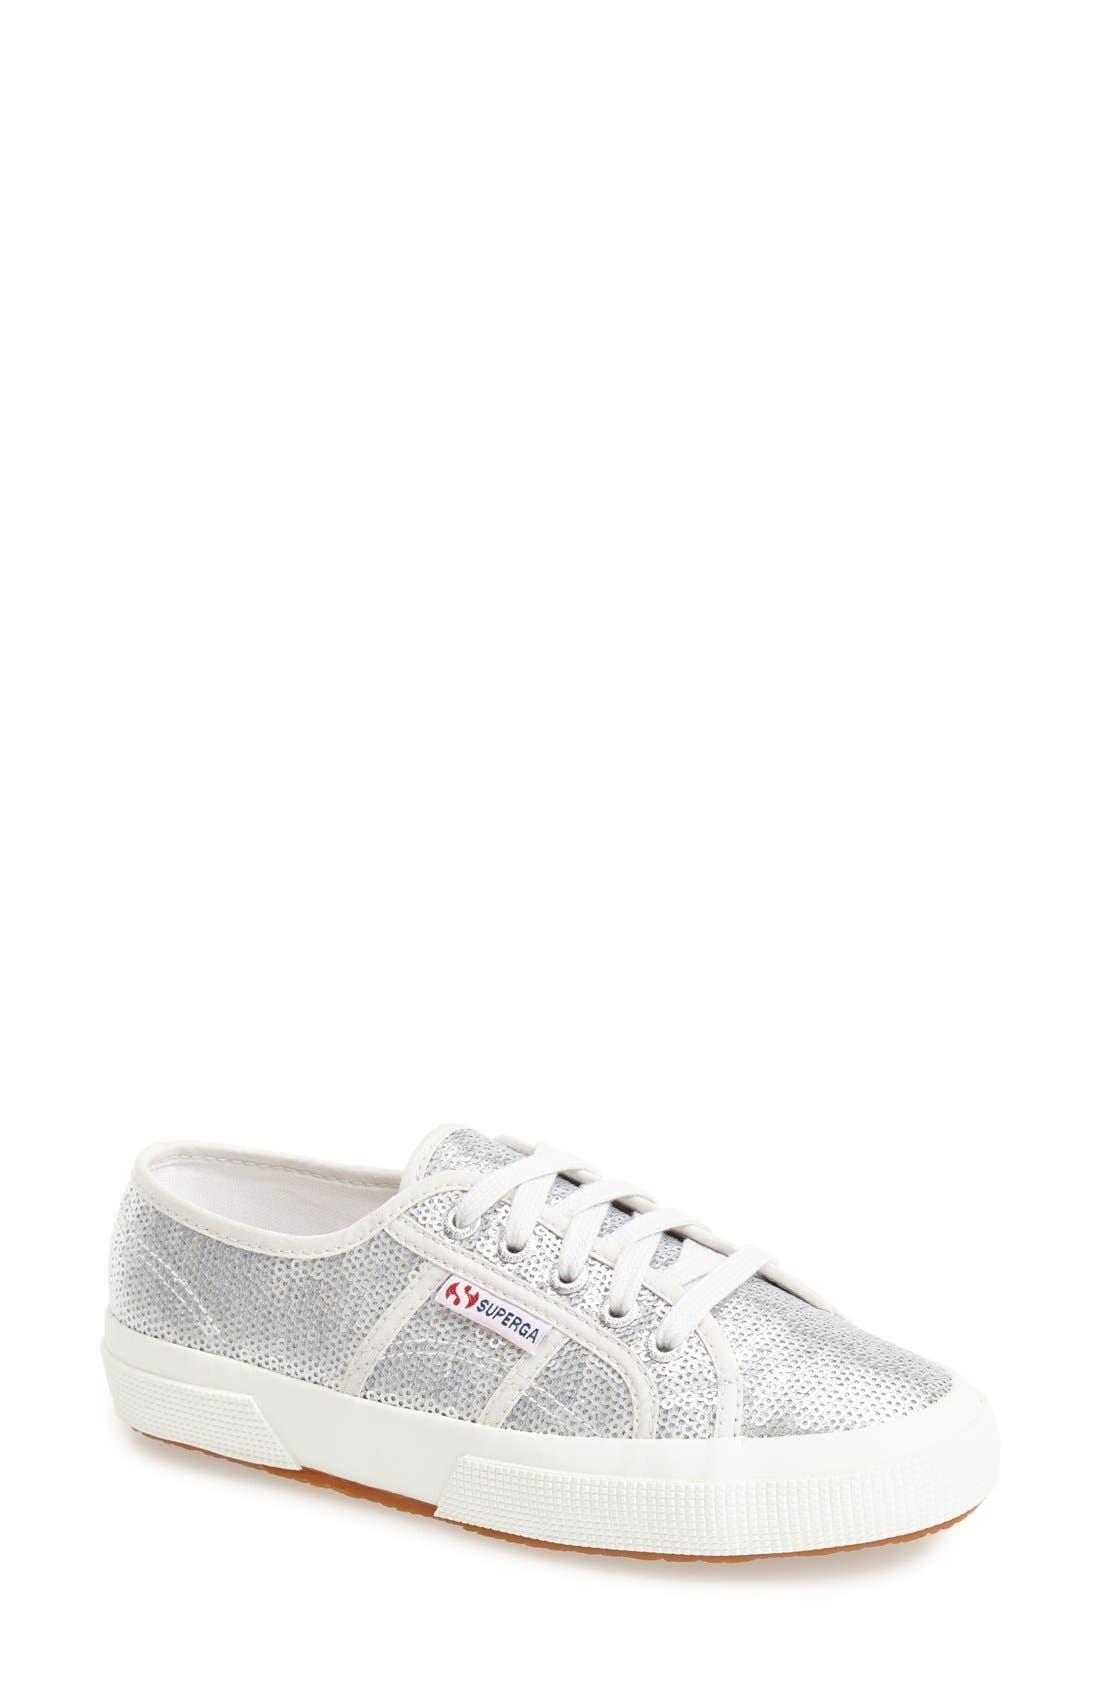 'Metallic' Sneaker,                         Main,                         color, 040